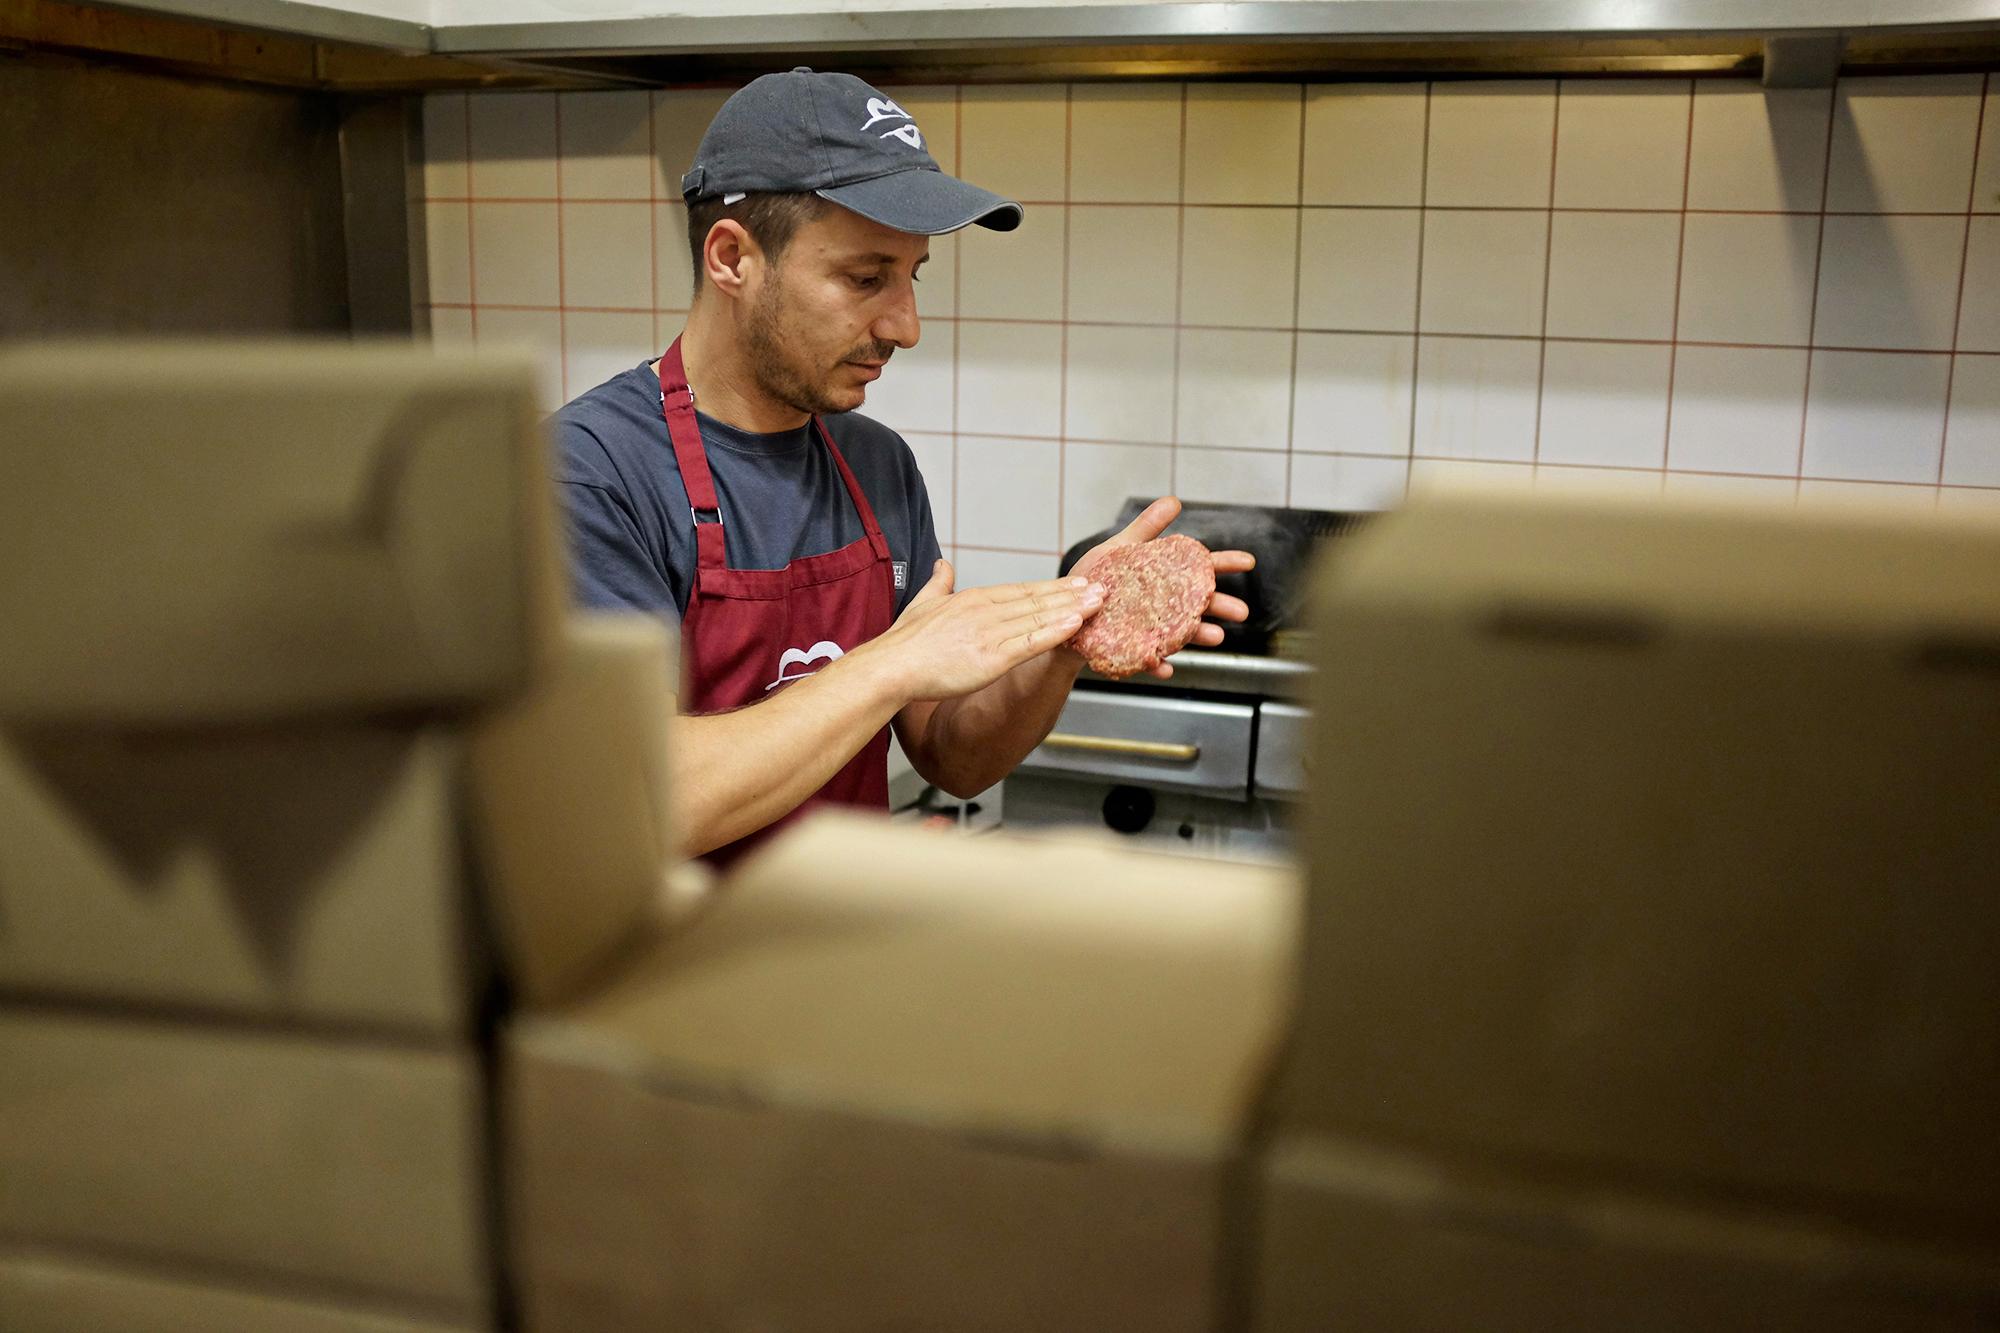 Aris Athanatos - Burger's College - 005